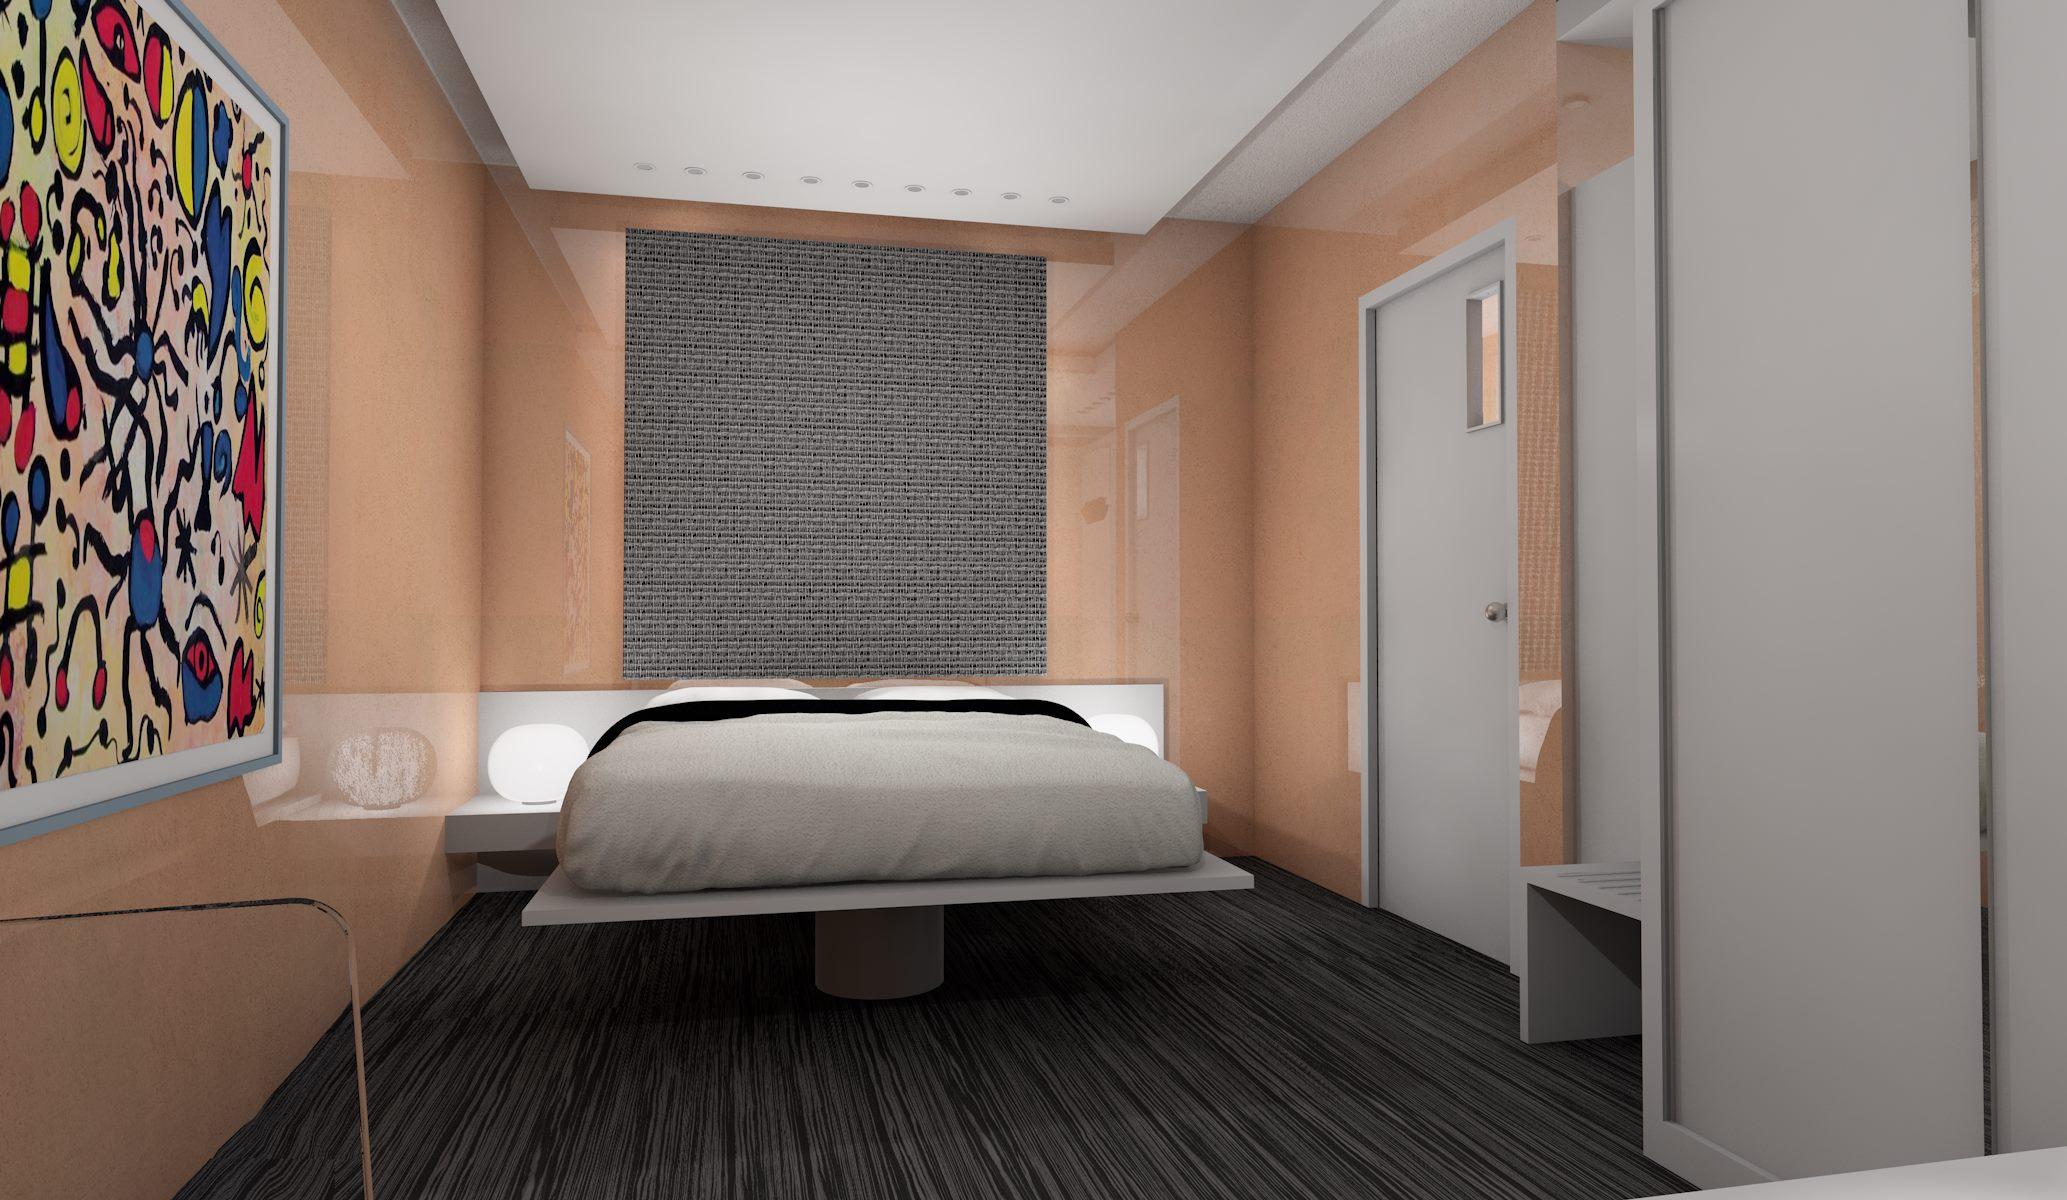 Progetto arredamento hotel contract for Ivan arredamenti